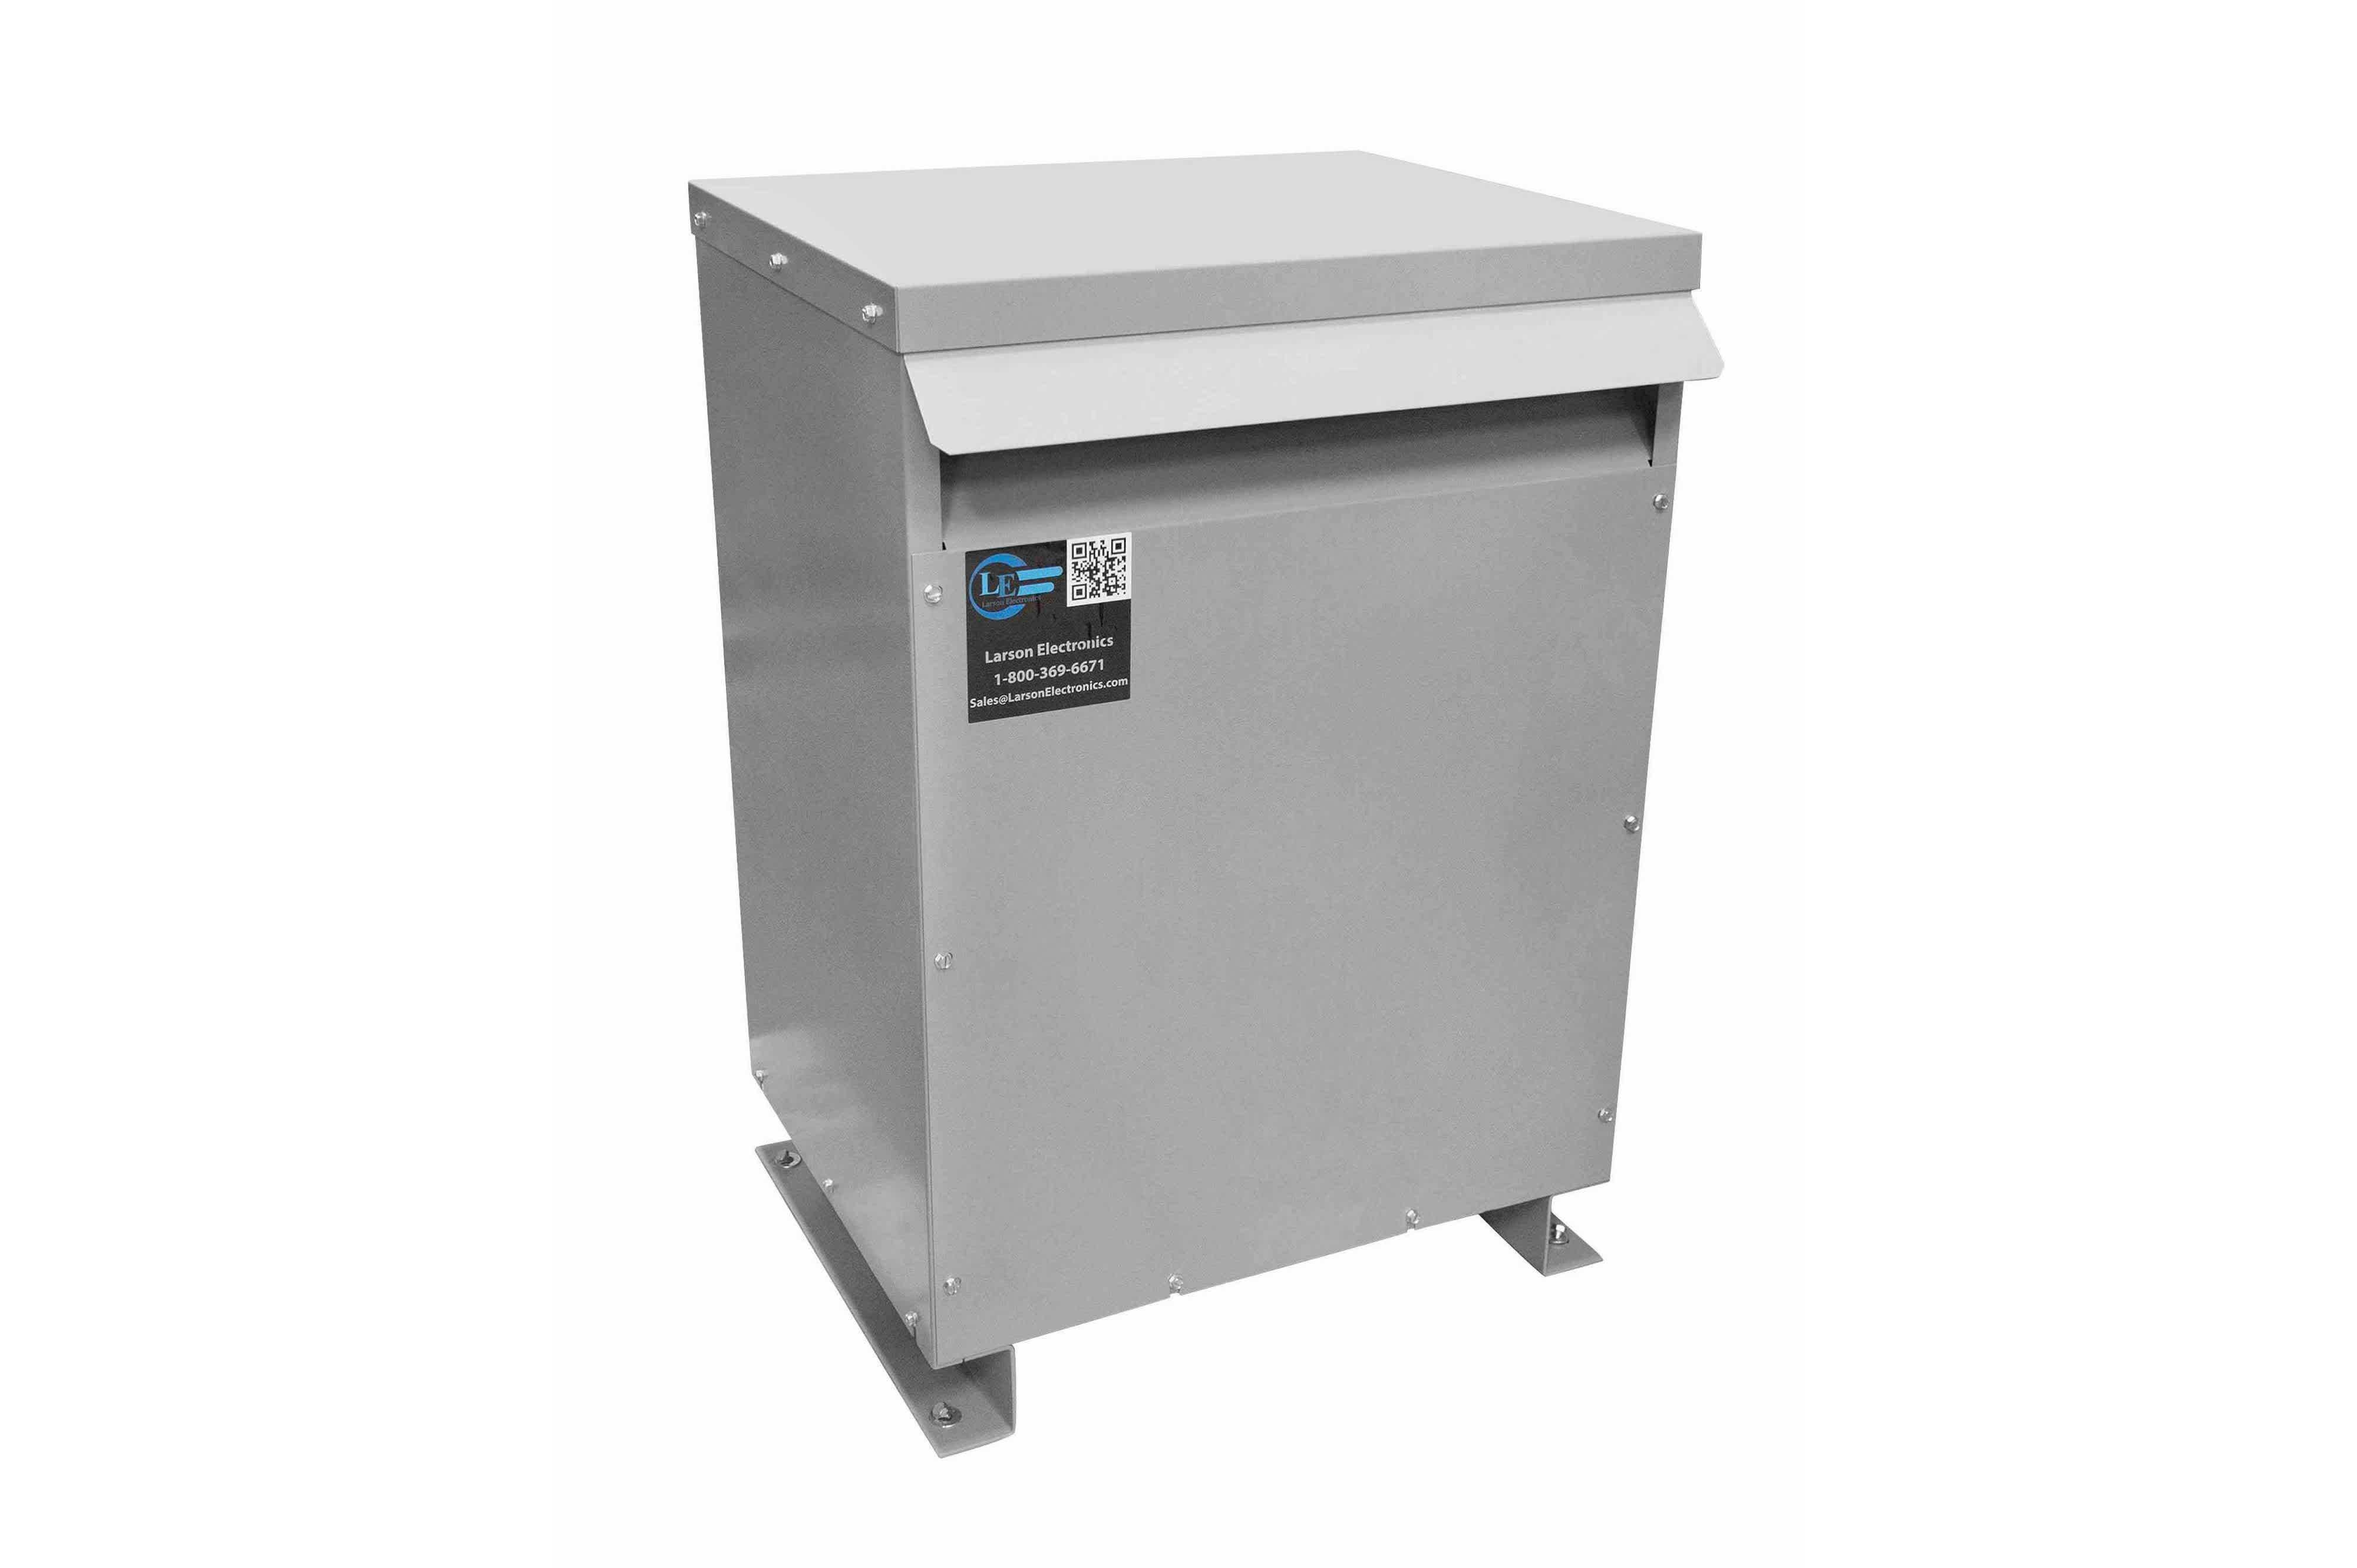 45 kVA 3PH Isolation Transformer, 240V Delta Primary, 480V Delta Secondary, N3R, Ventilated, 60 Hz